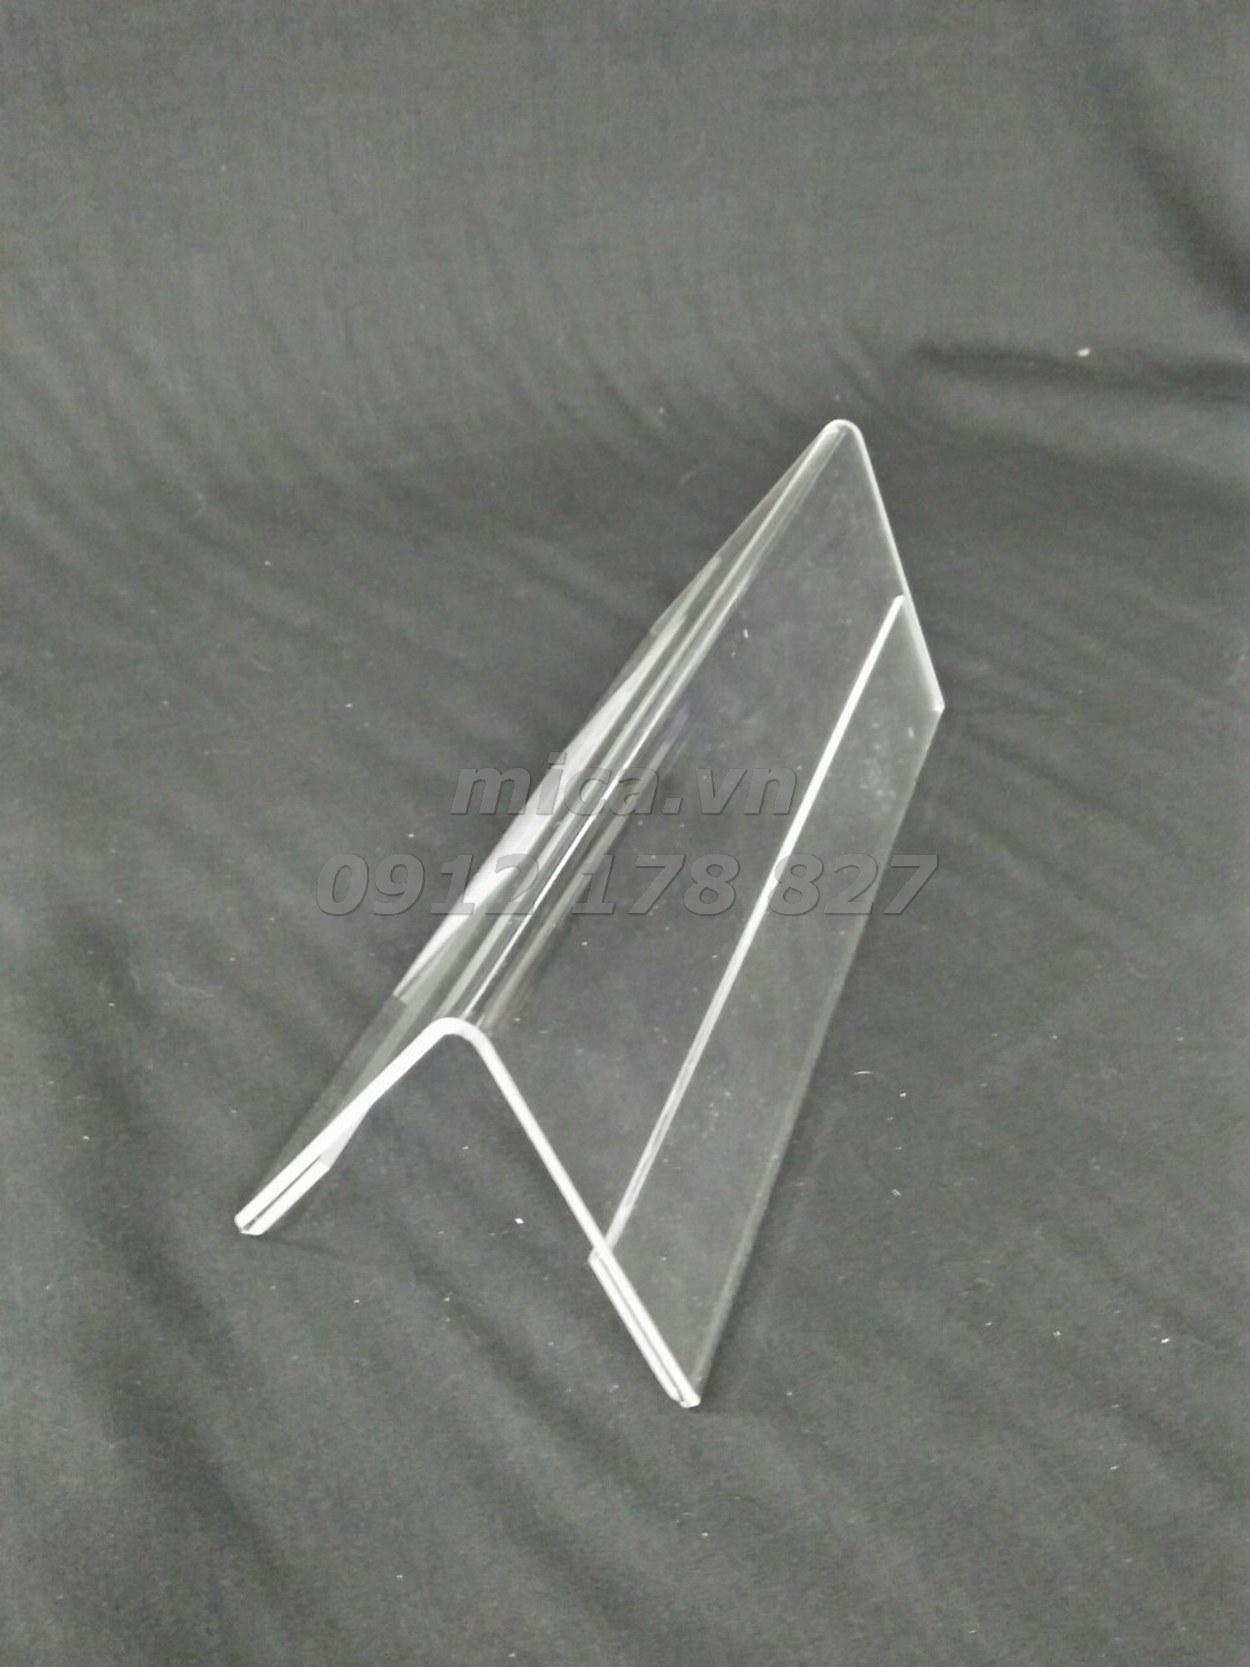 Mua 10 Menu mica chữ A kích thước 85 x 240mm (cao x dài)